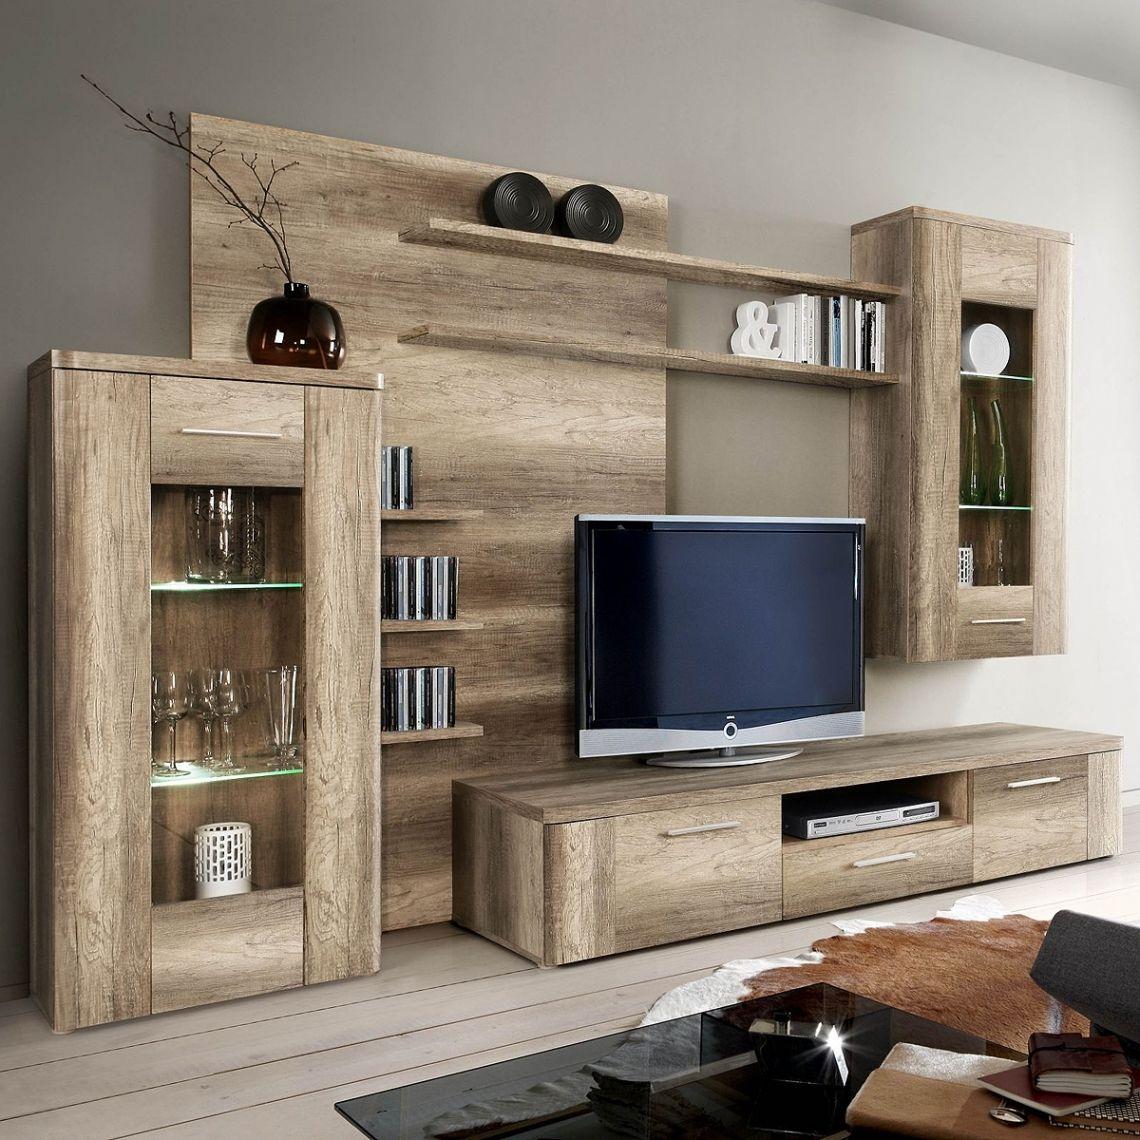 Frisch Wohnzimmermöbel Eiche Wardrobe design bedroom